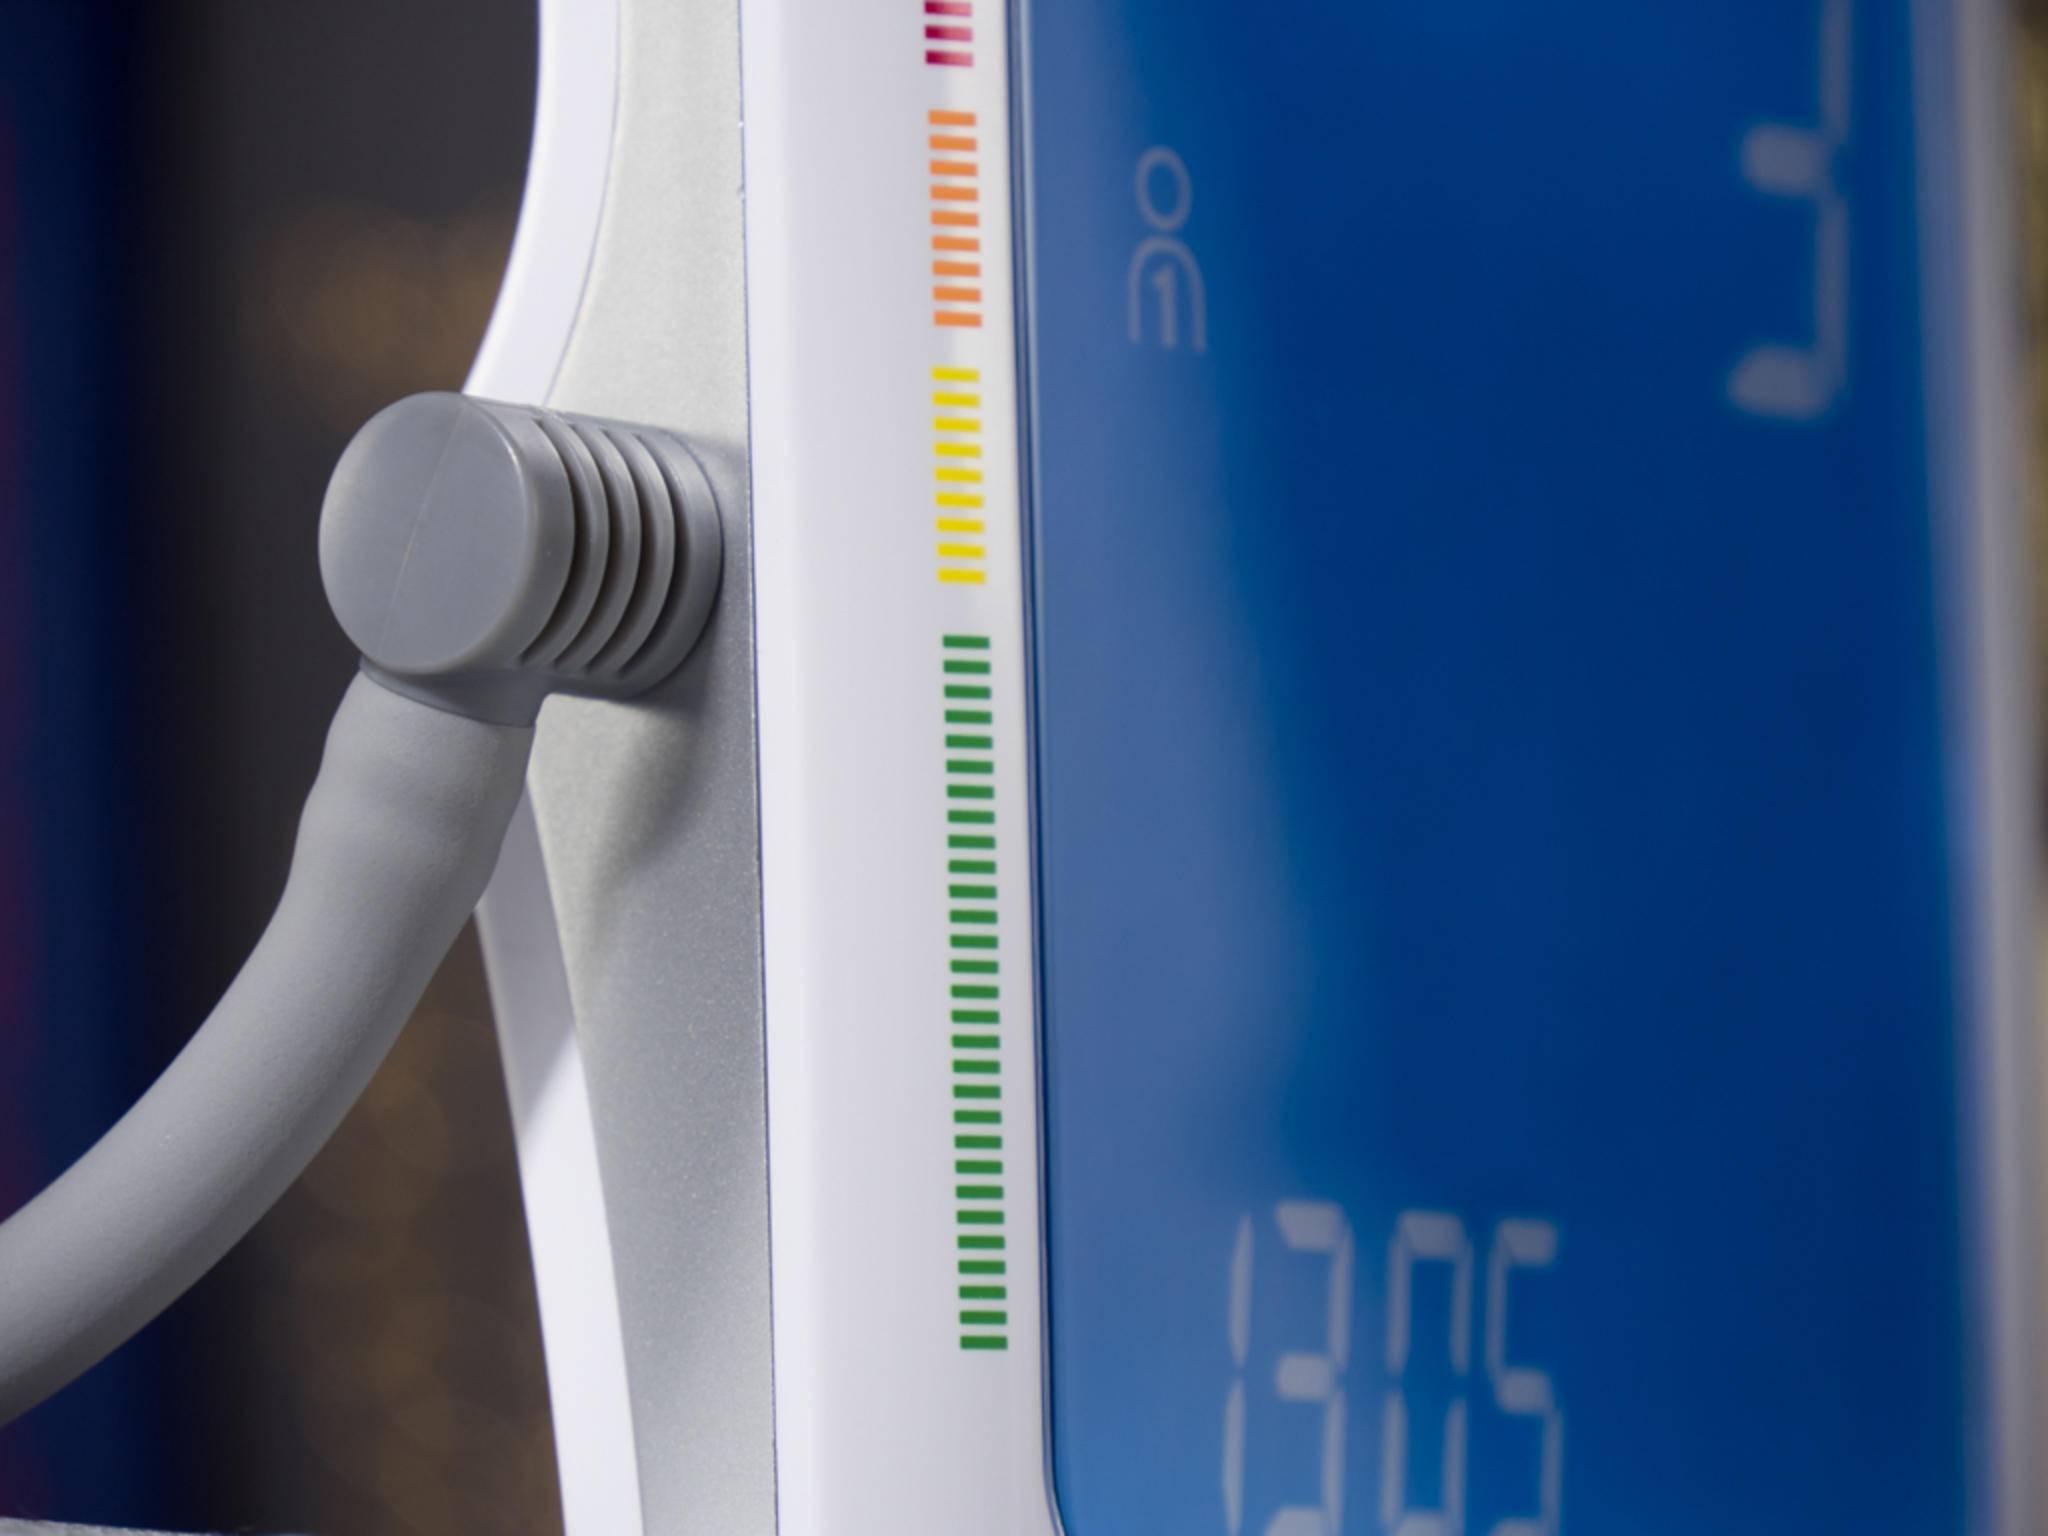 Die Skala an beiden Geräten erlaubt eine schnelle Einschätzung des Blutdrucks.